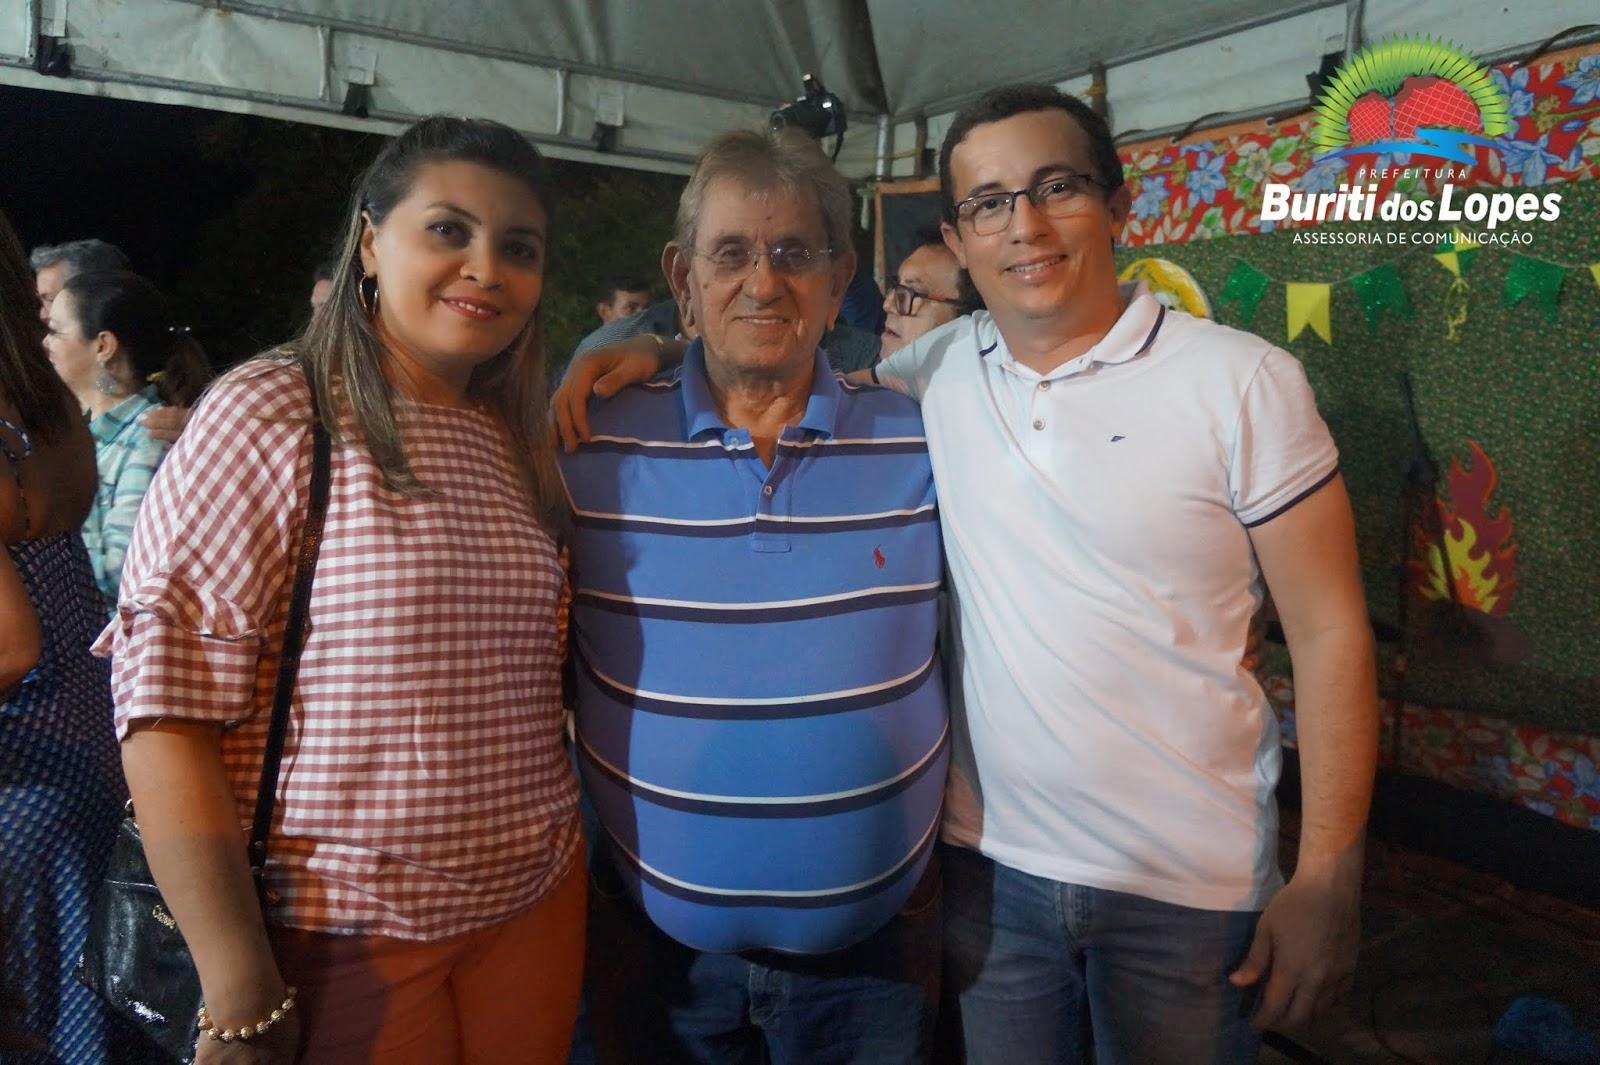 Prefeito de Buriti dos Lopes, Júnior Percy cancela carnaval após morte de vice